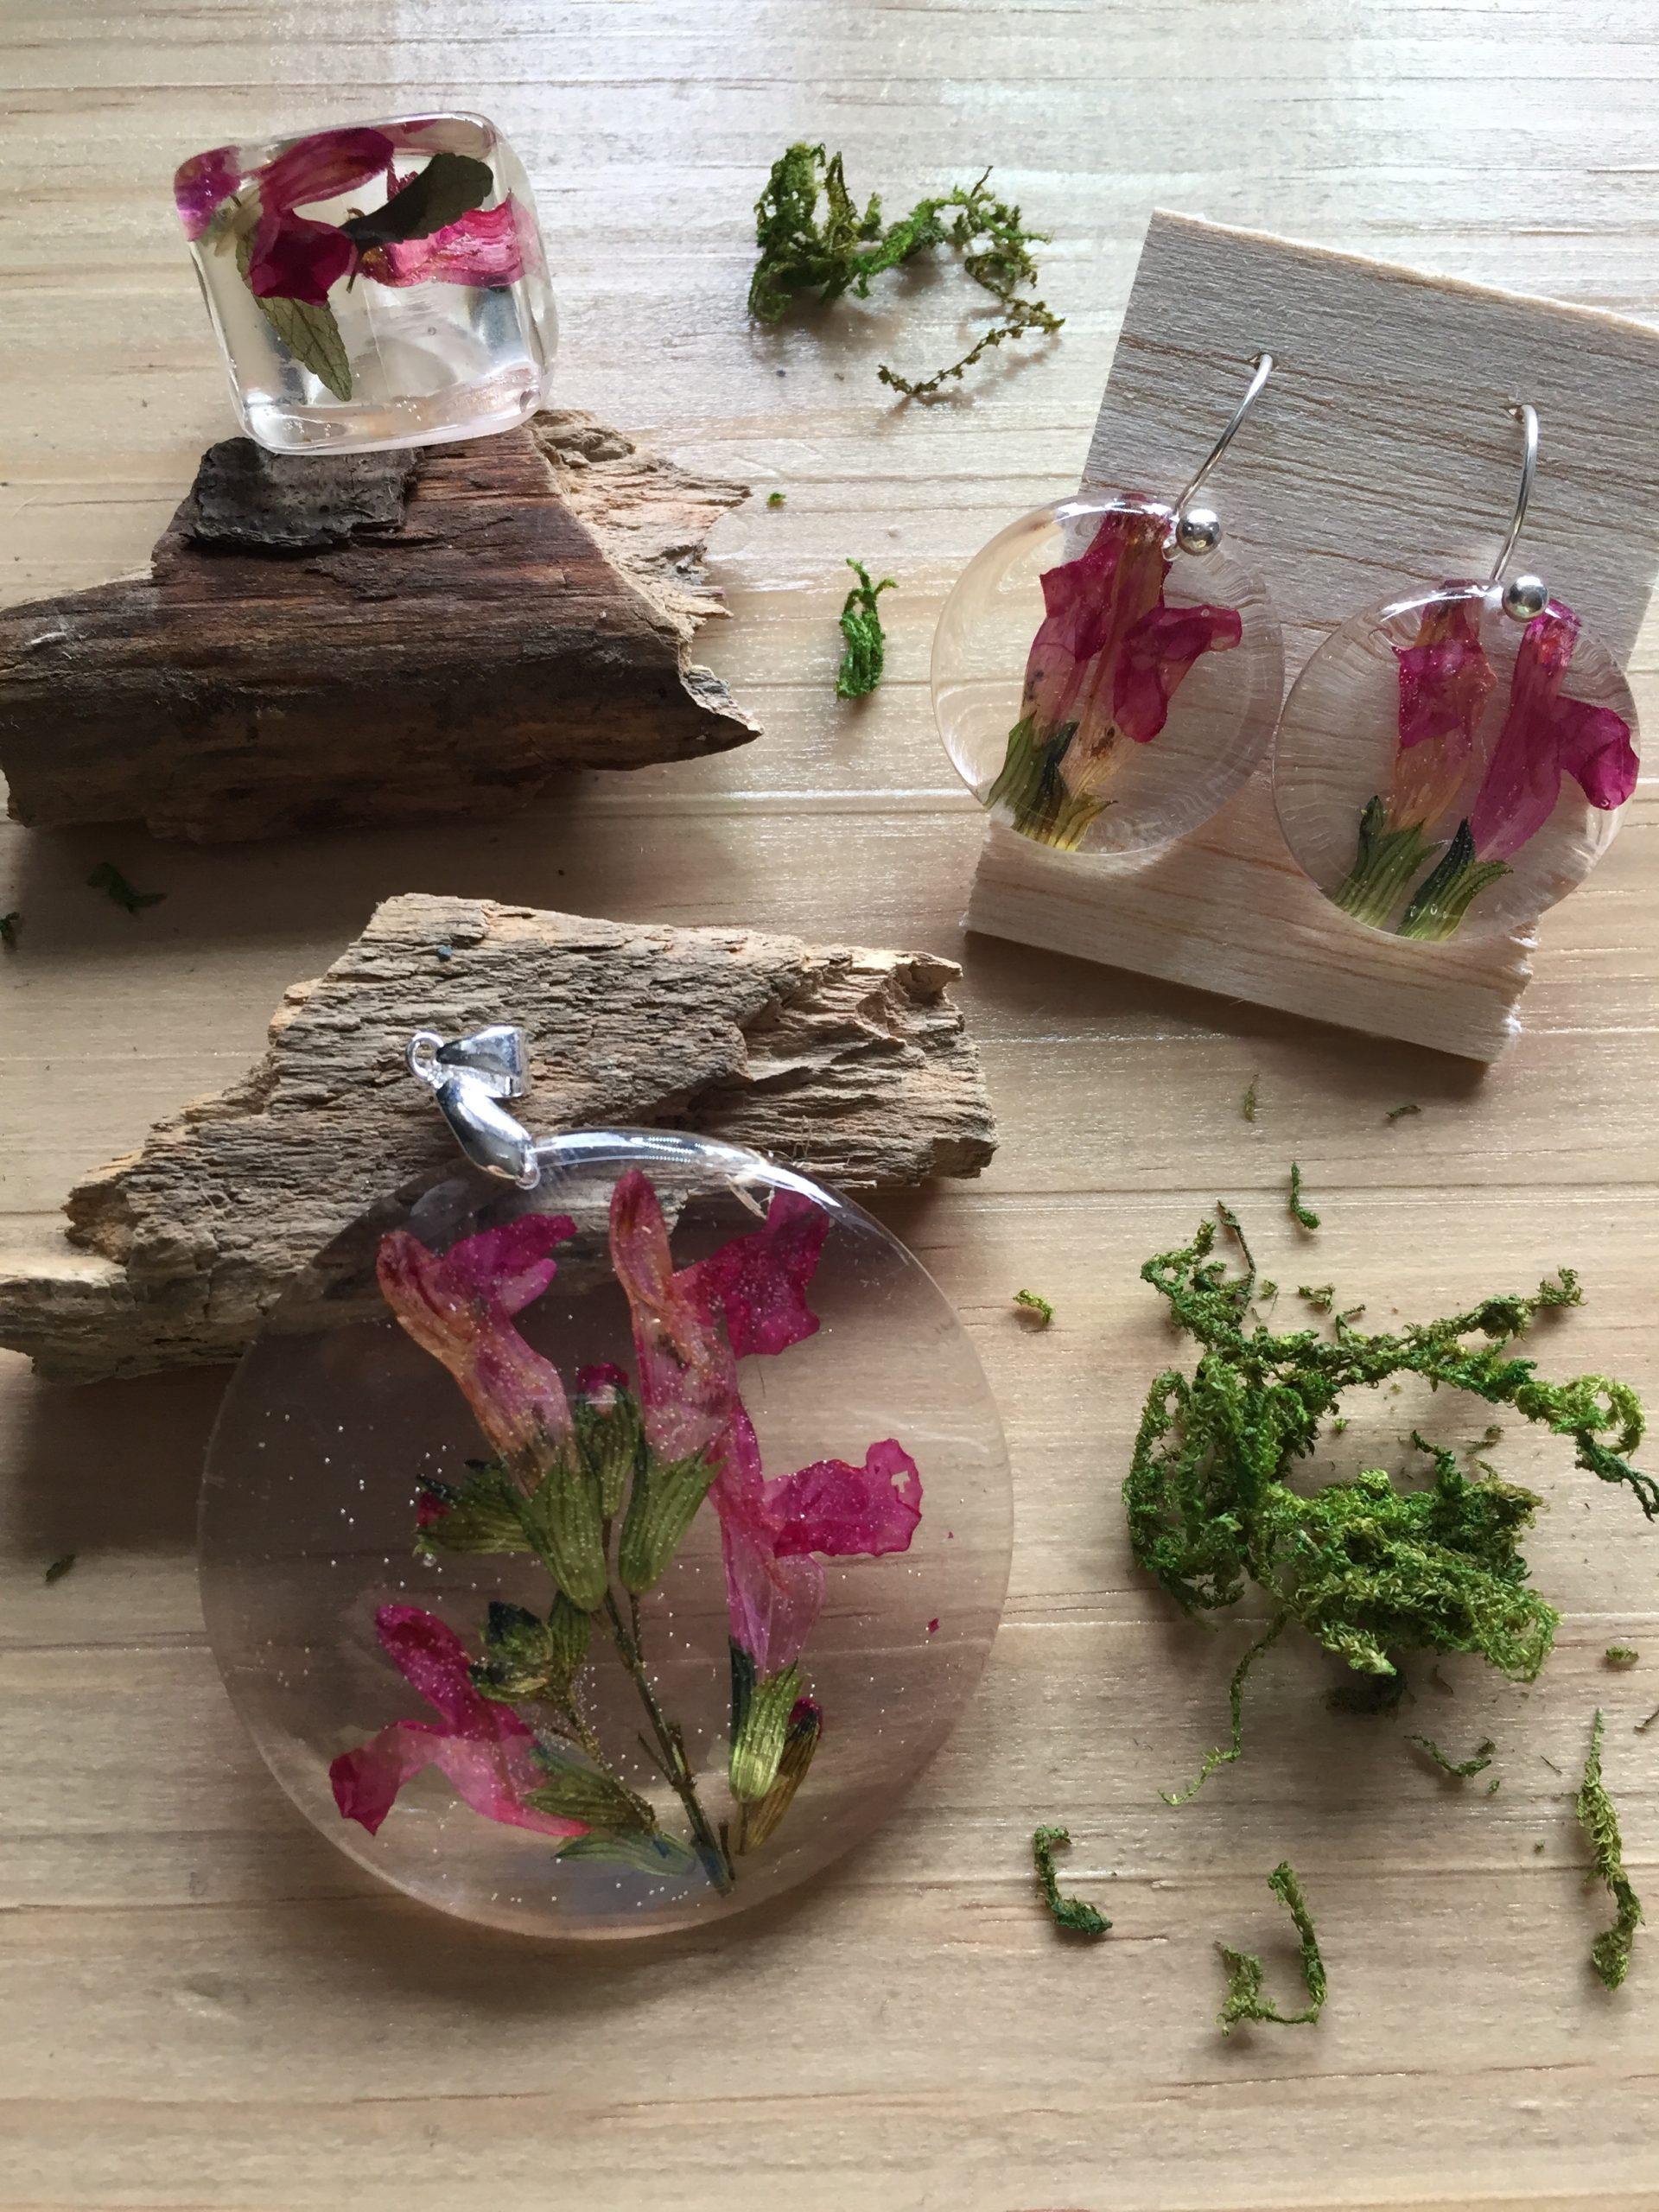 Bisutería y complementos artesanales de flores. kaykai